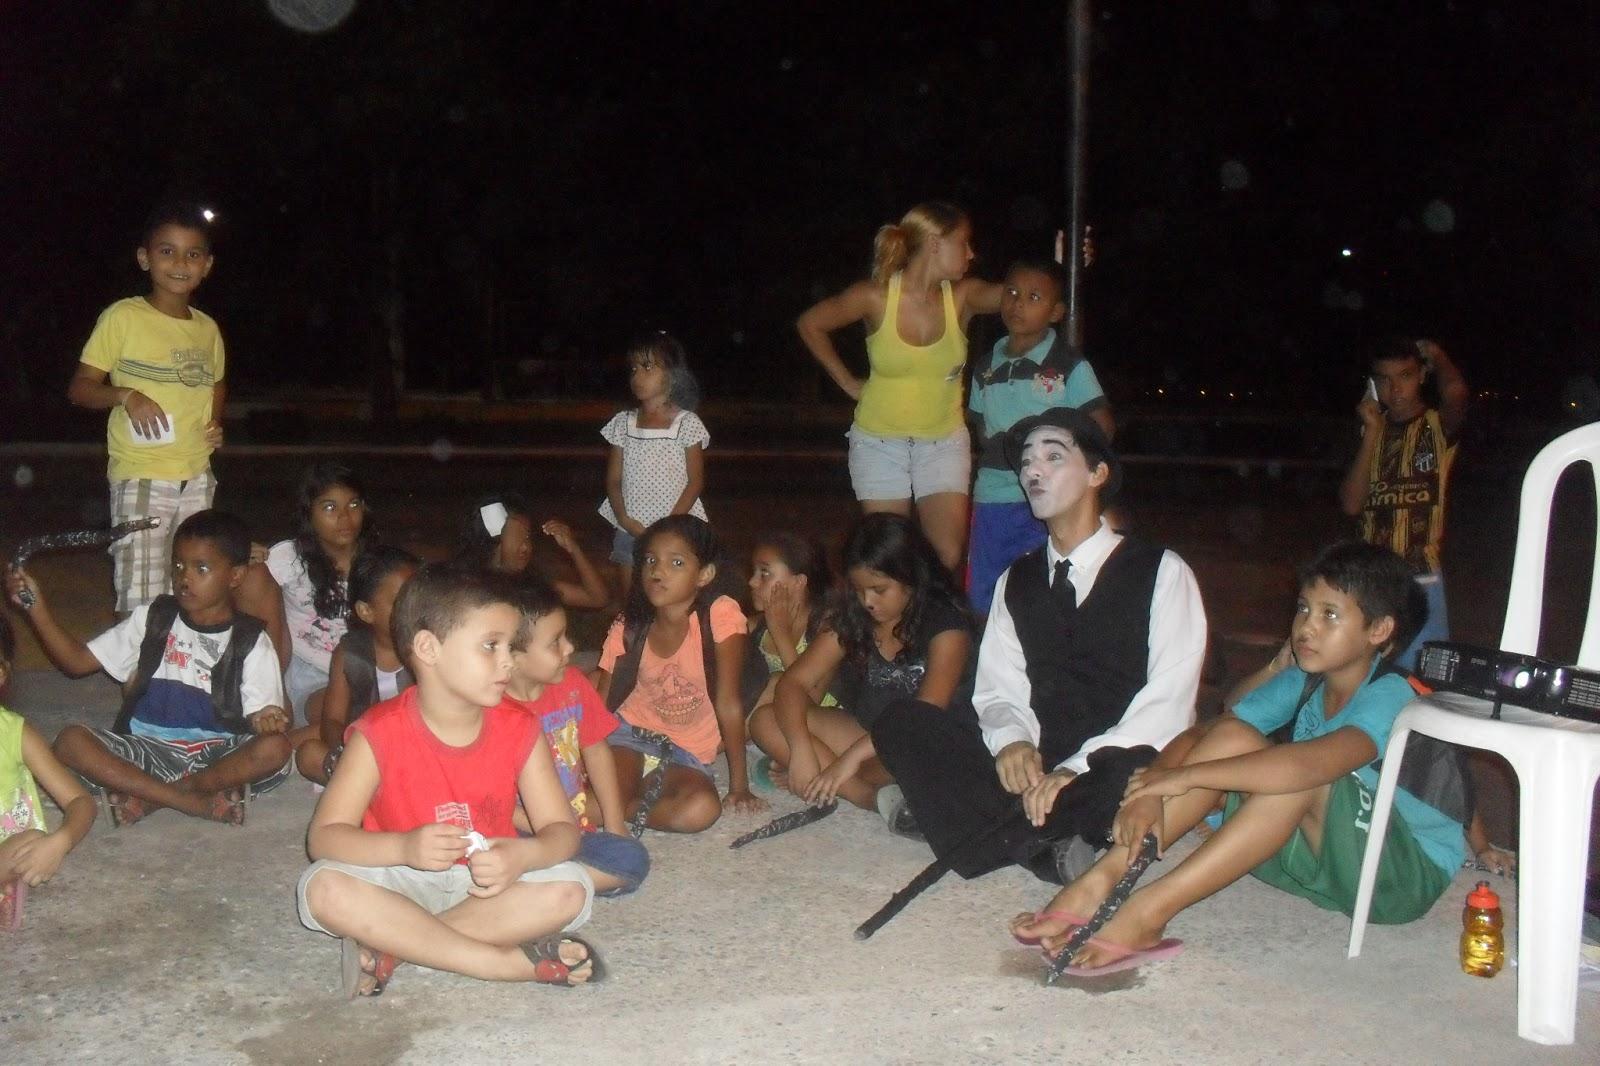 As crianças se divertem -e aprendem - com Carlitos.